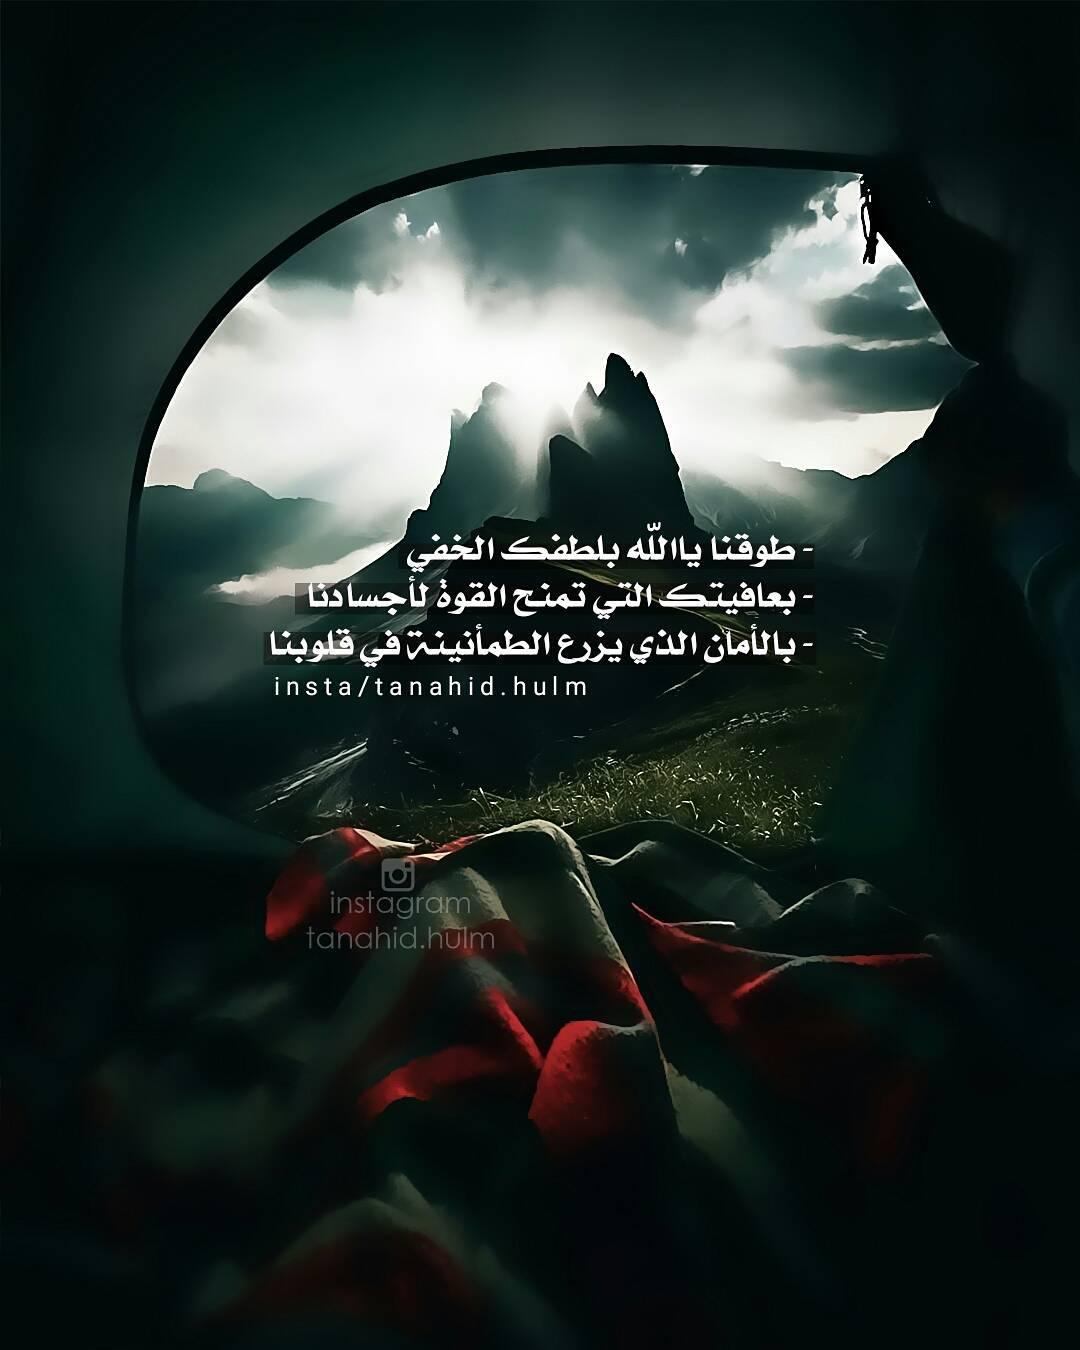 رمزيات طوقنا يا الله بلطفك الخفي بعافيتك التي تمنح القوة لأجسادنا بالأمان الذي يزرع الطمأنينة في قلوبنا